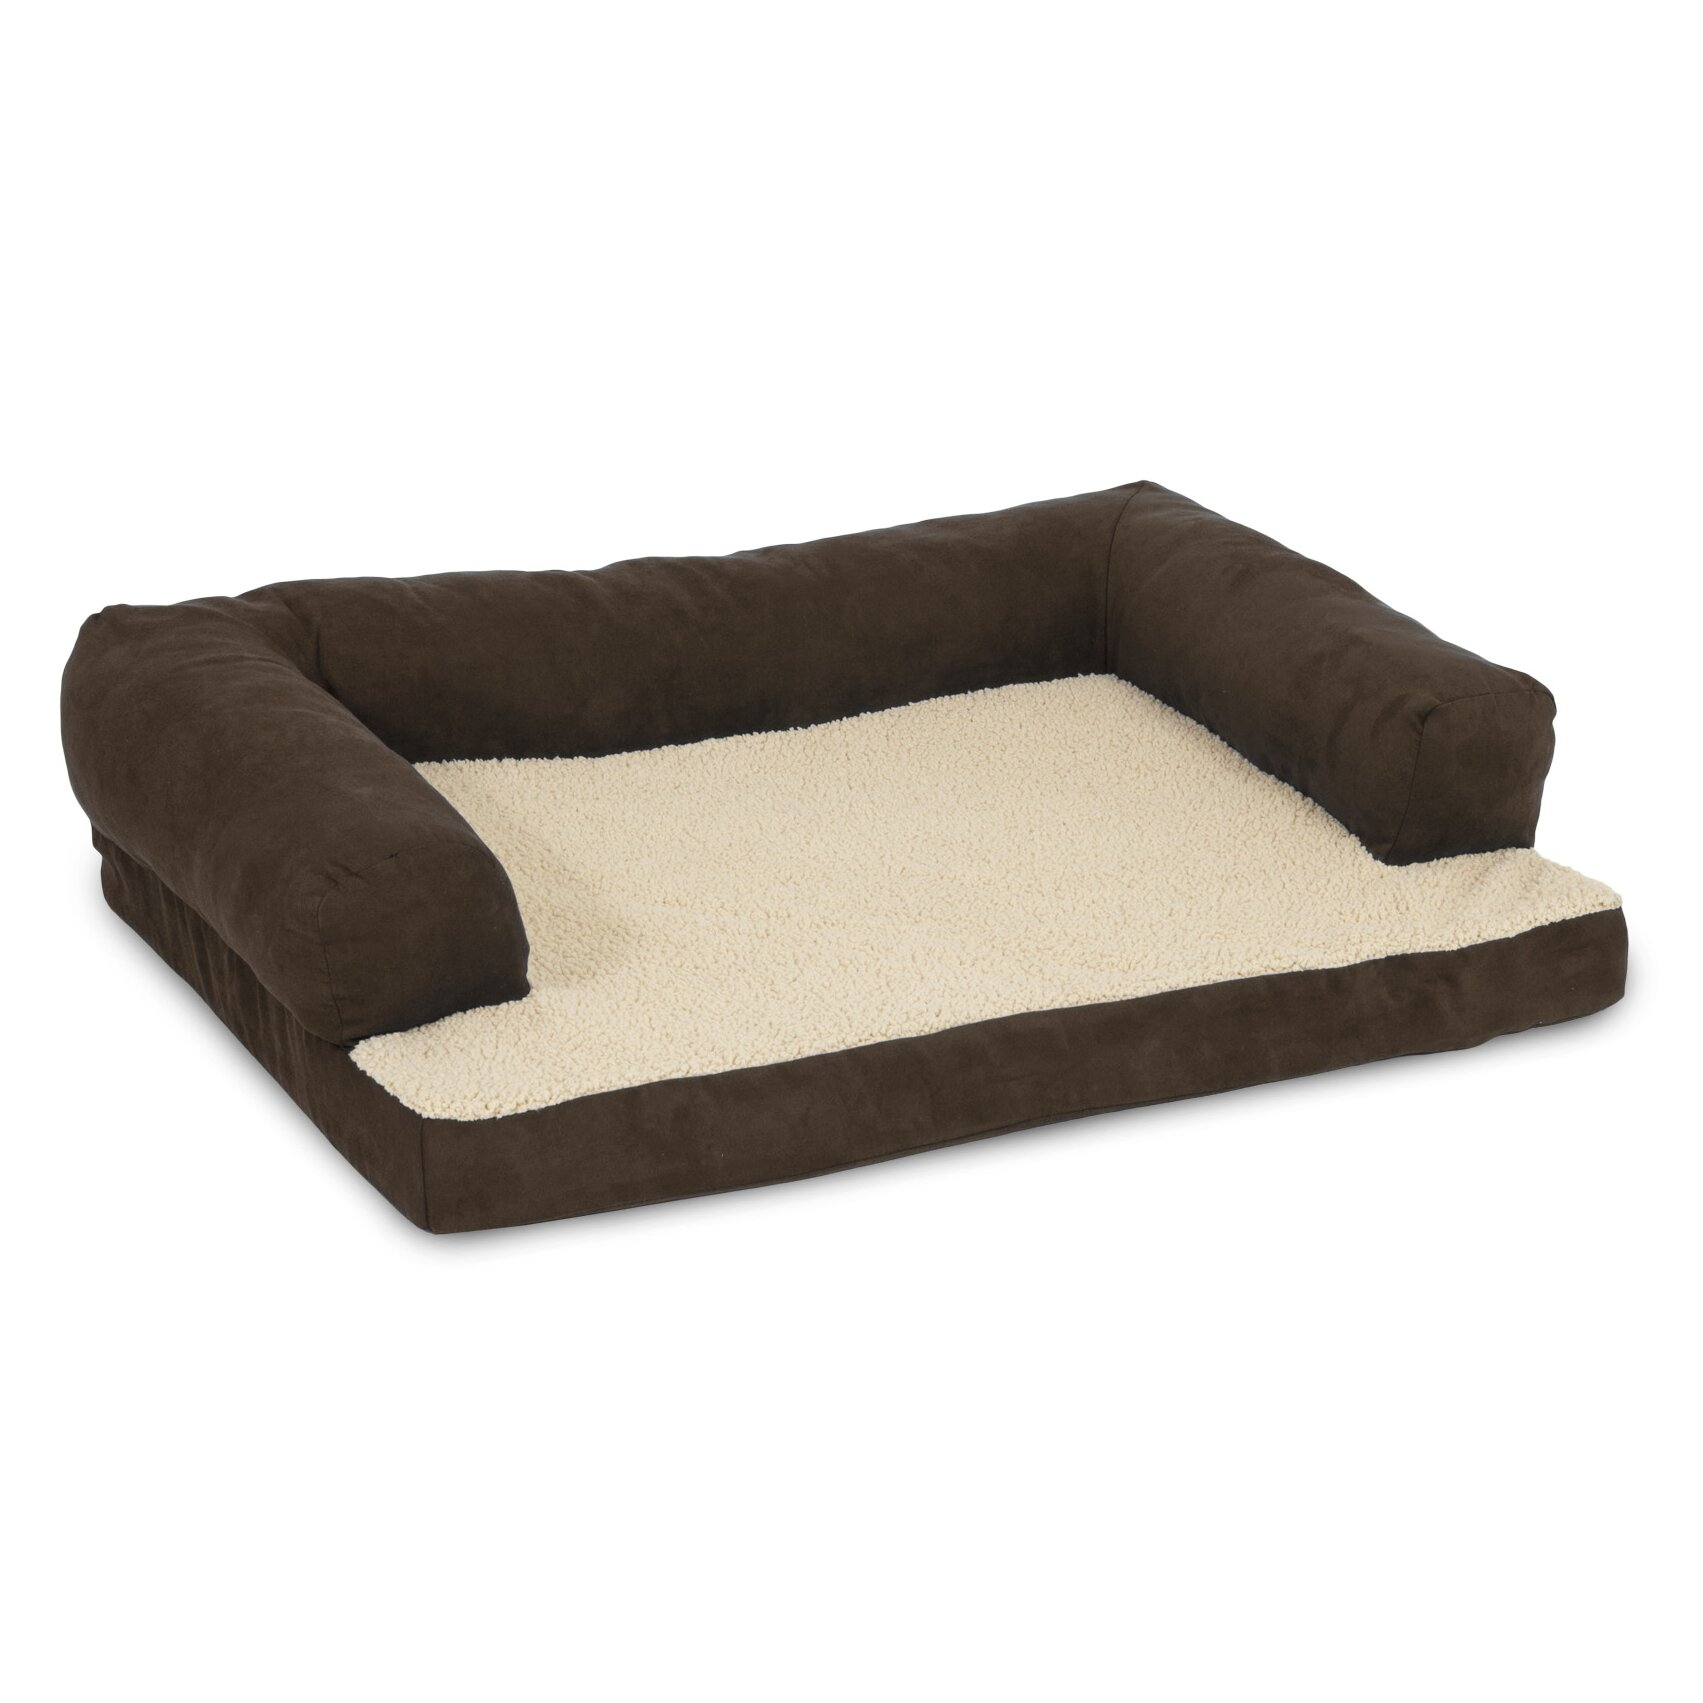 Bolsterd Ortho Bed